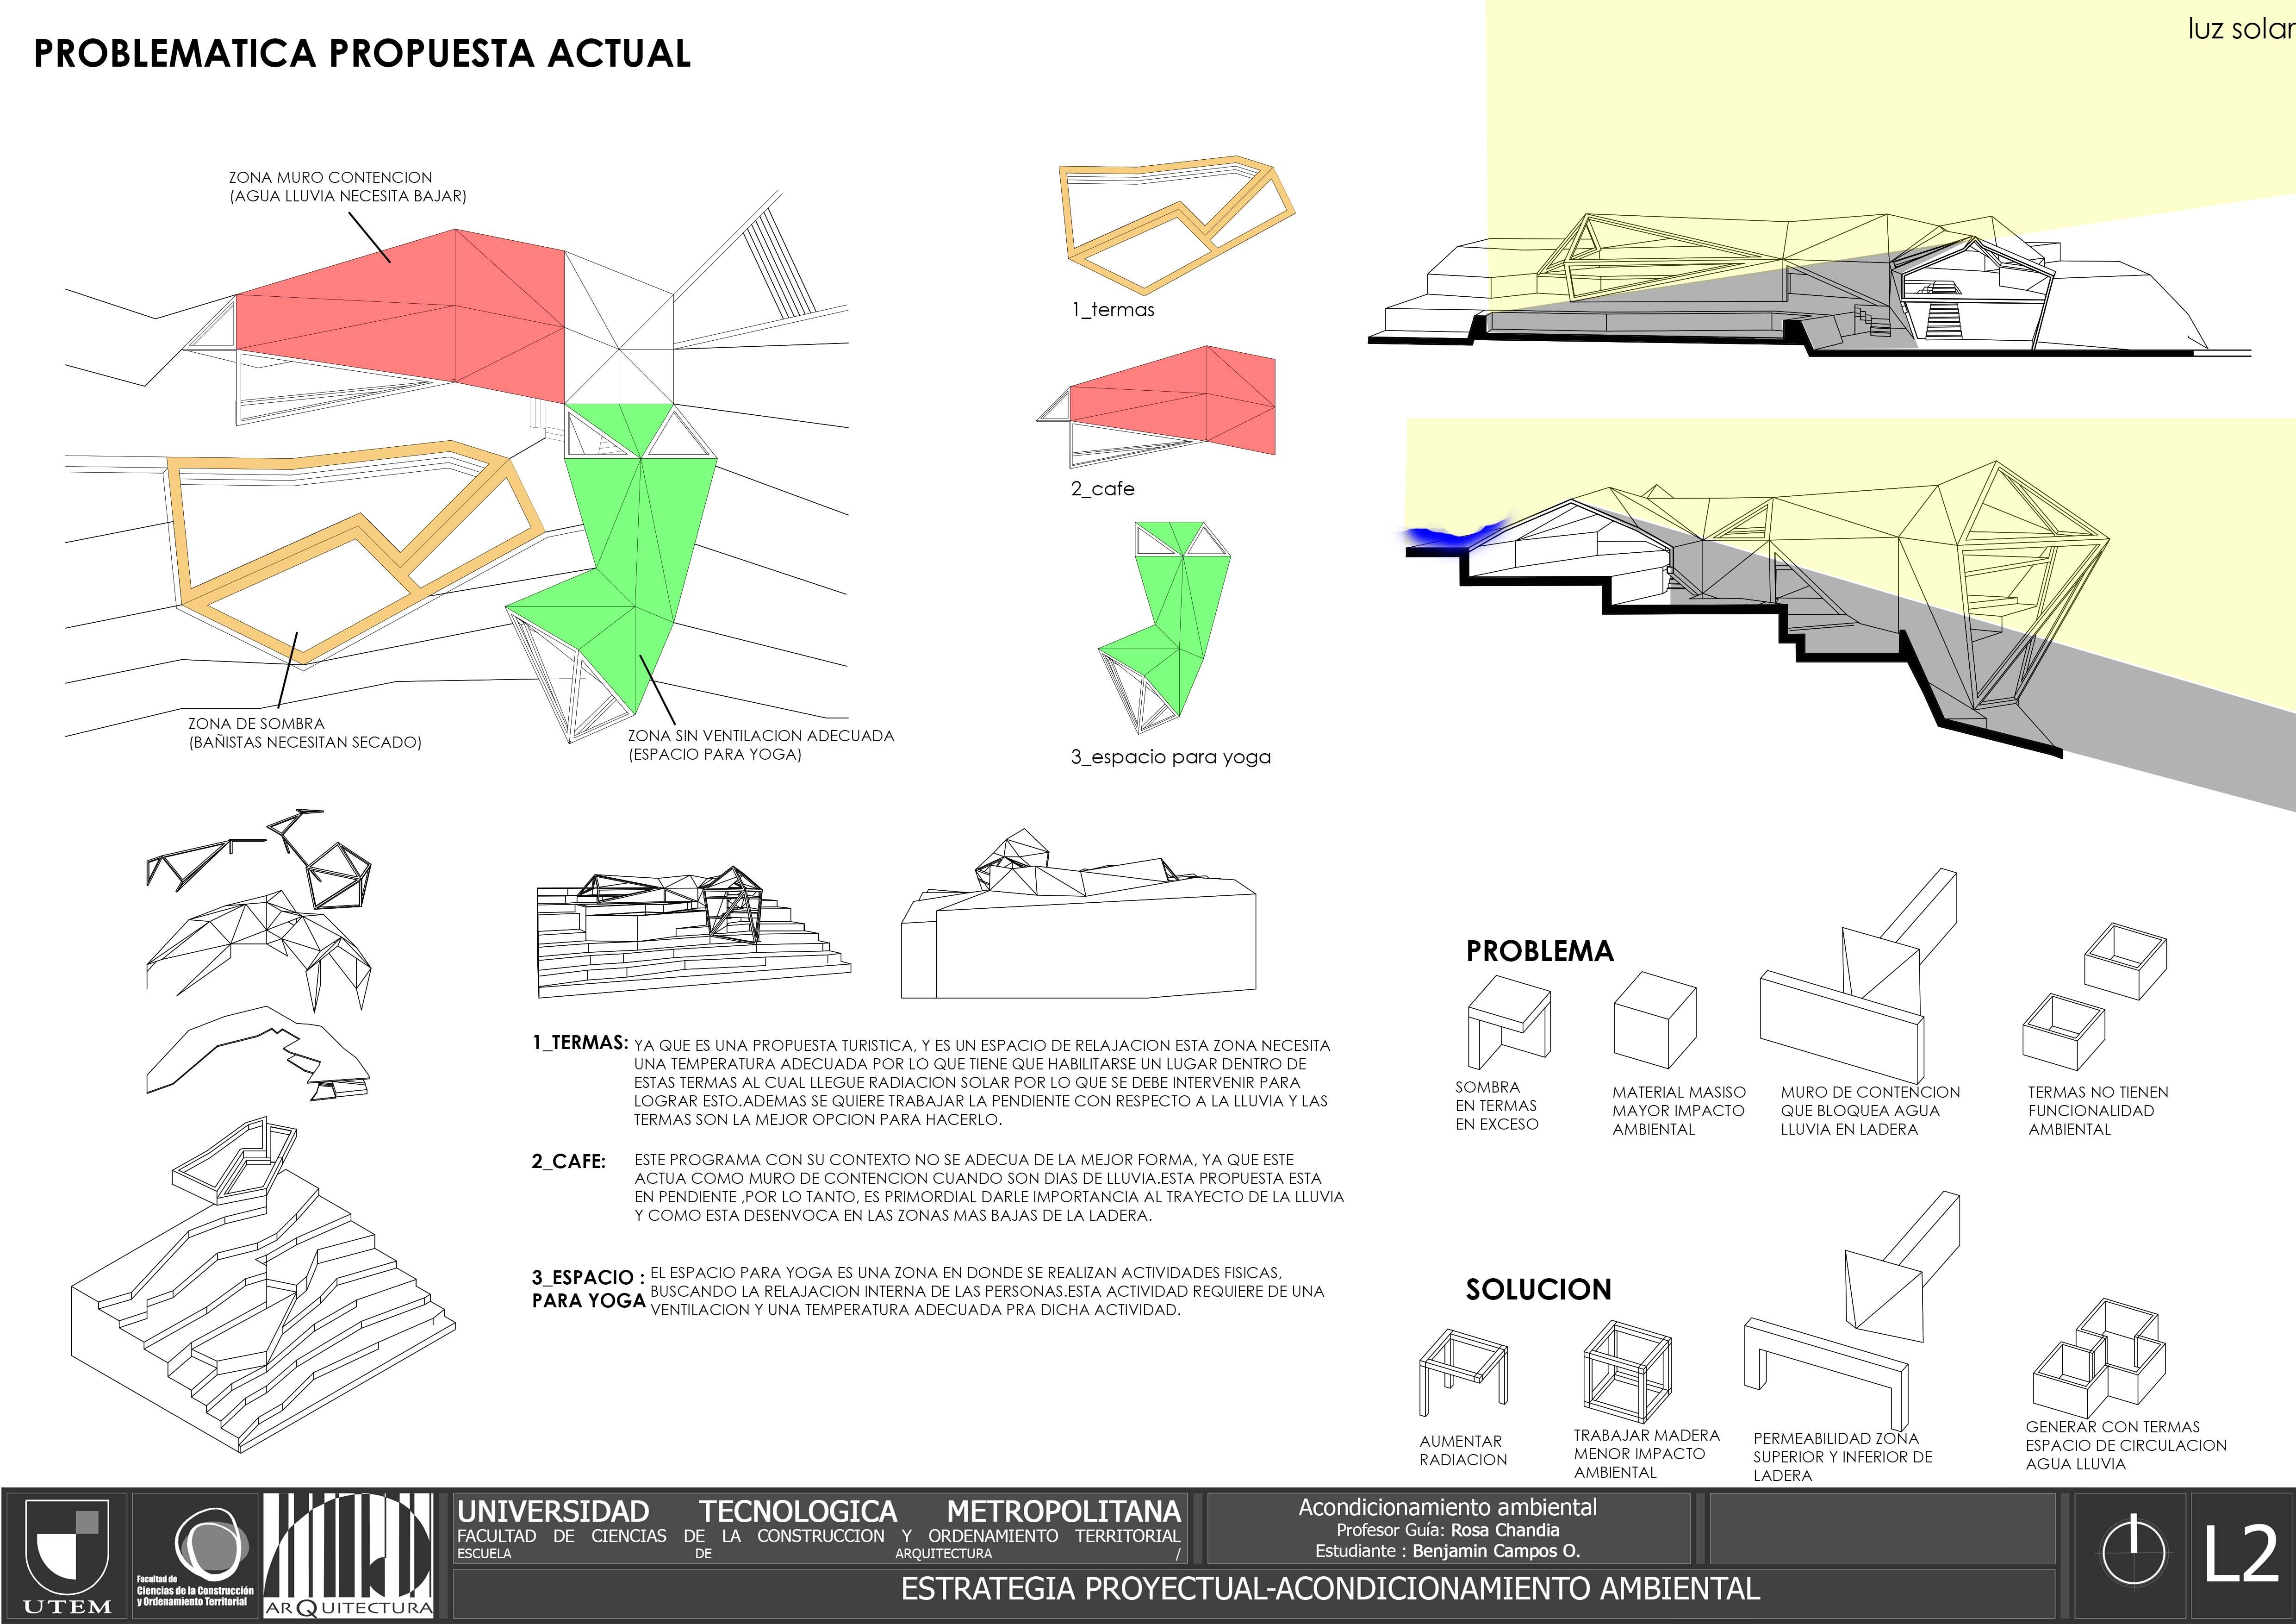 benjamin_02_acondicionamiento ambiental